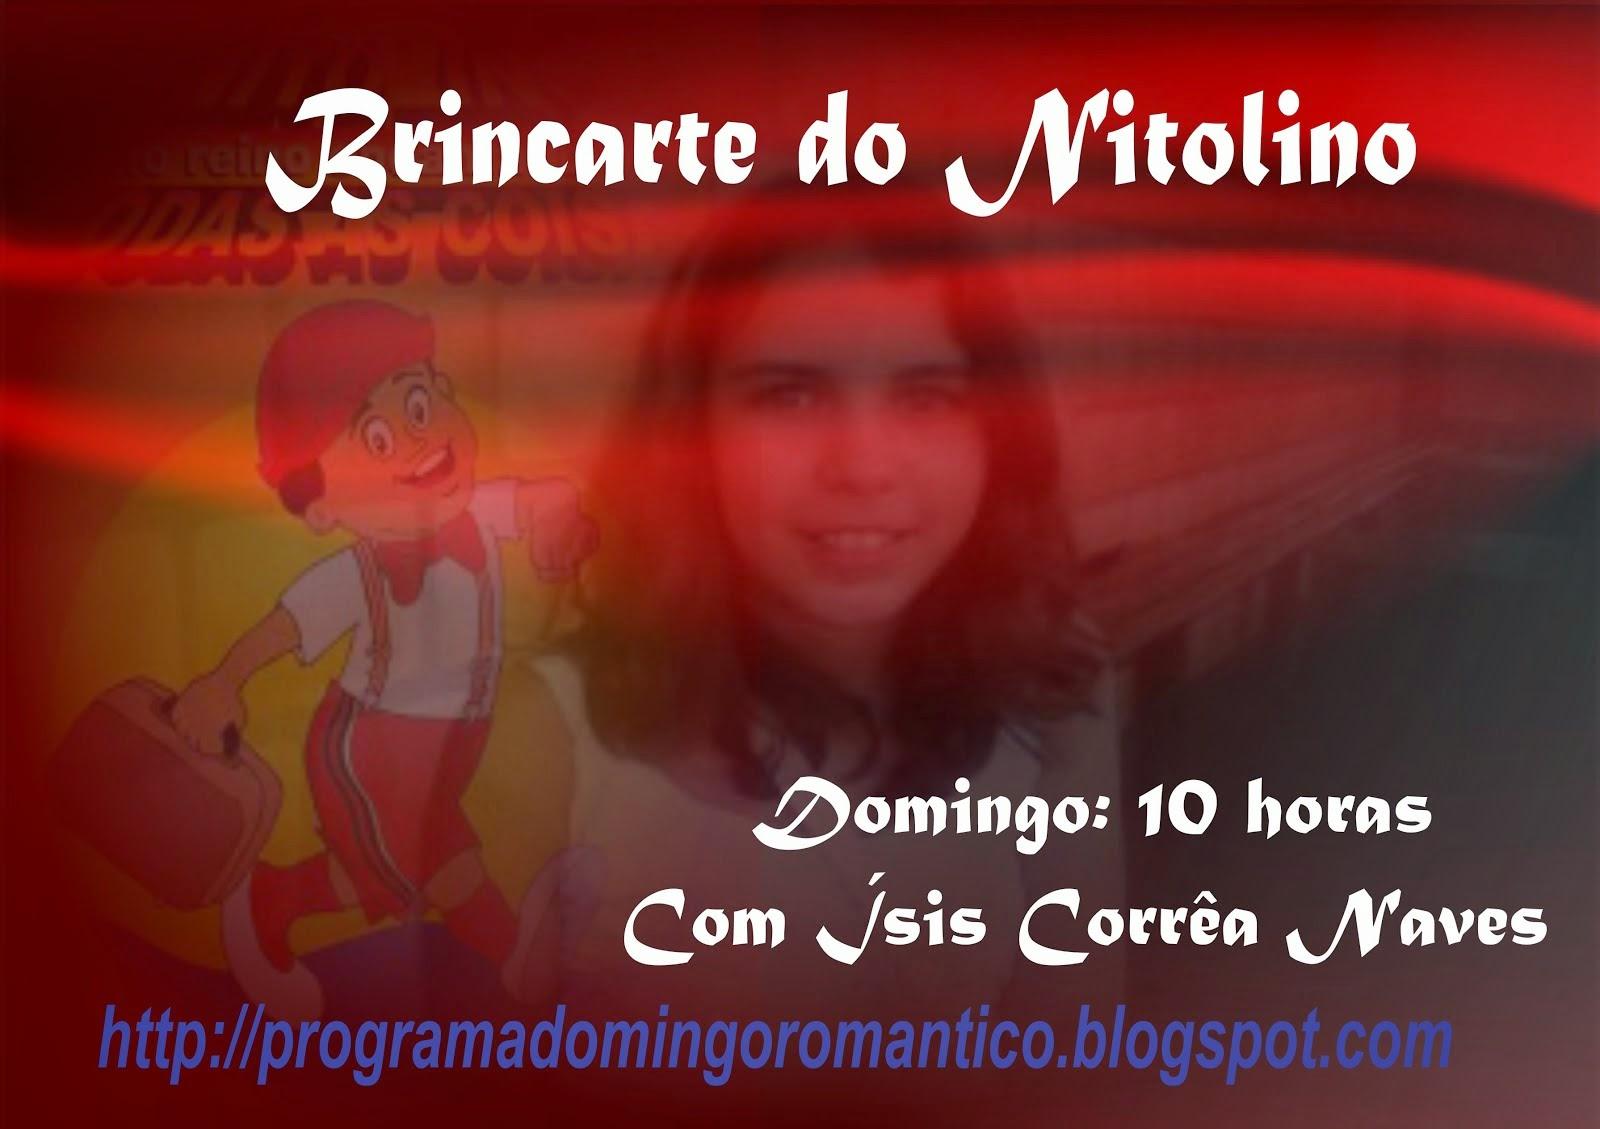 PROGRAMA BRINCARTE DO NITOLINO